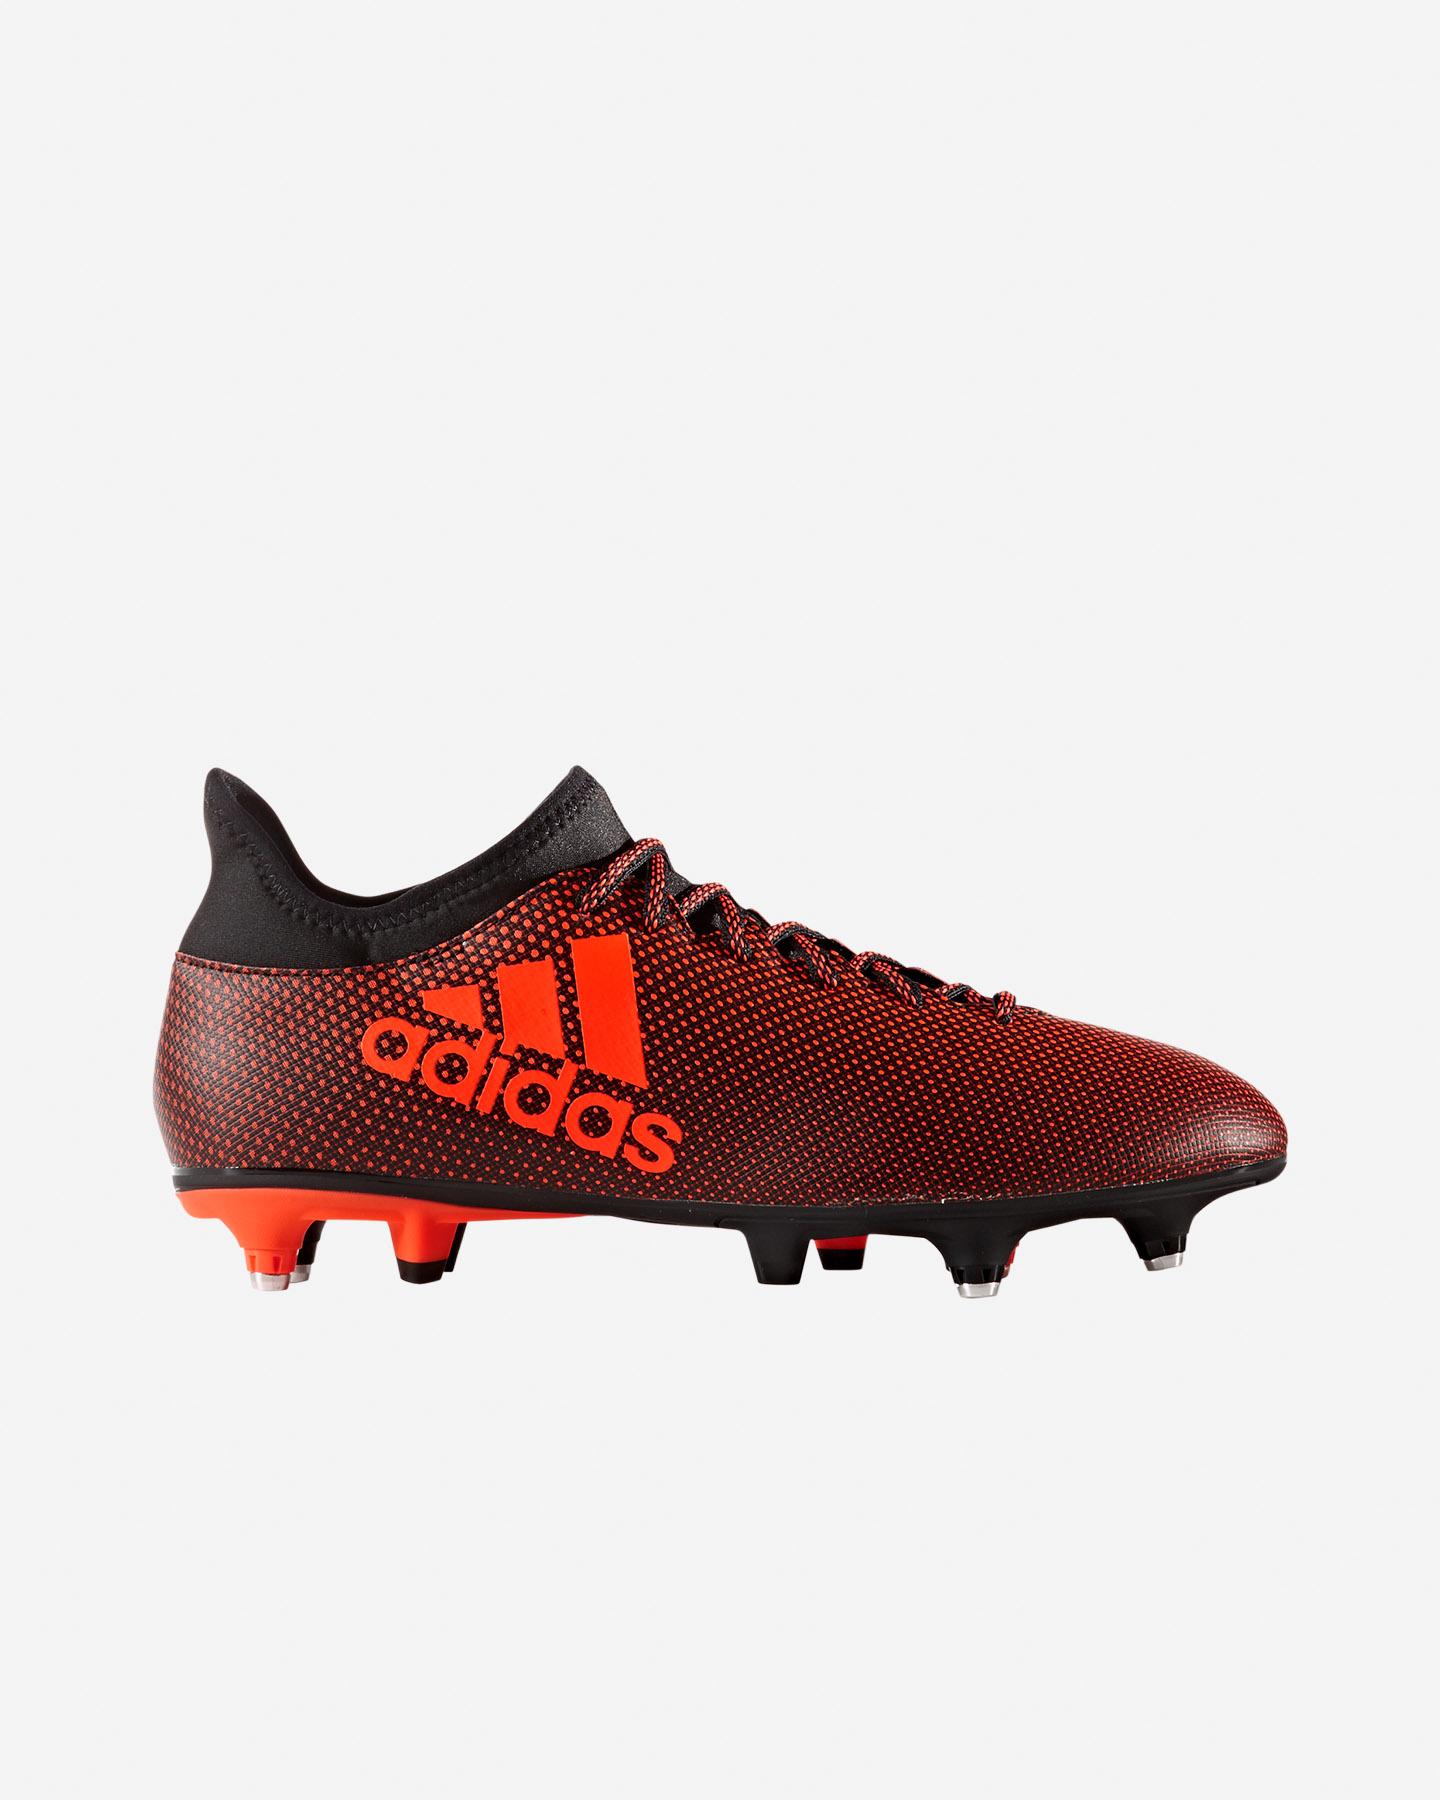 scarpe calcetto adidas x